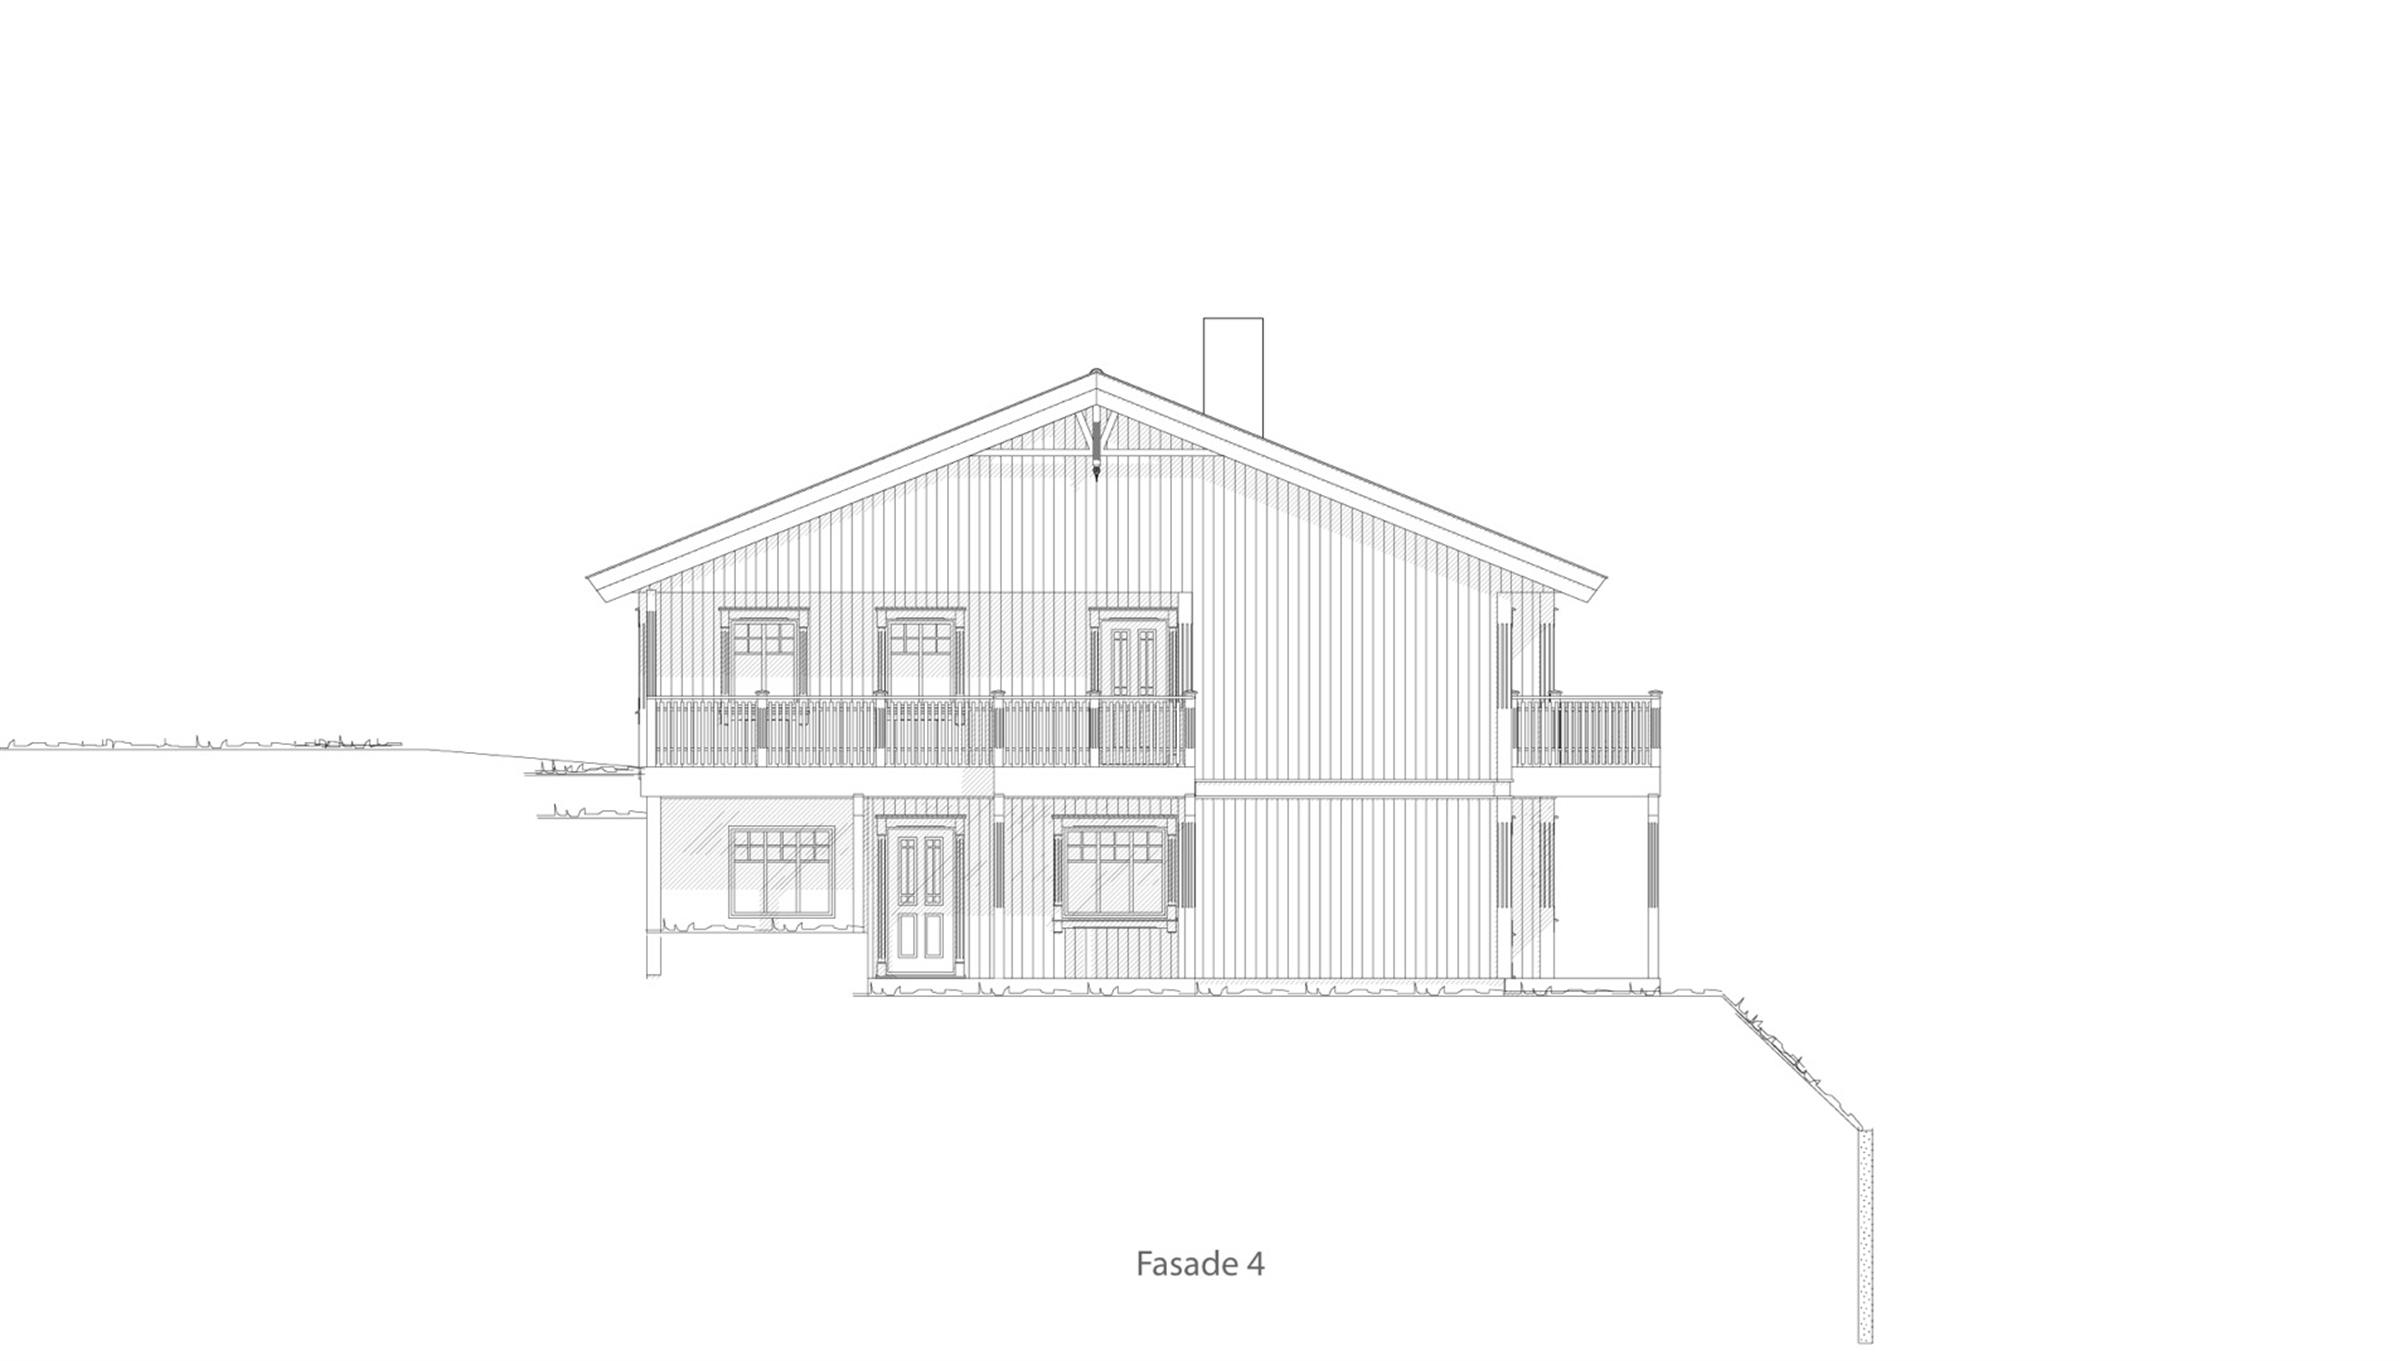 Leknes fasade 4